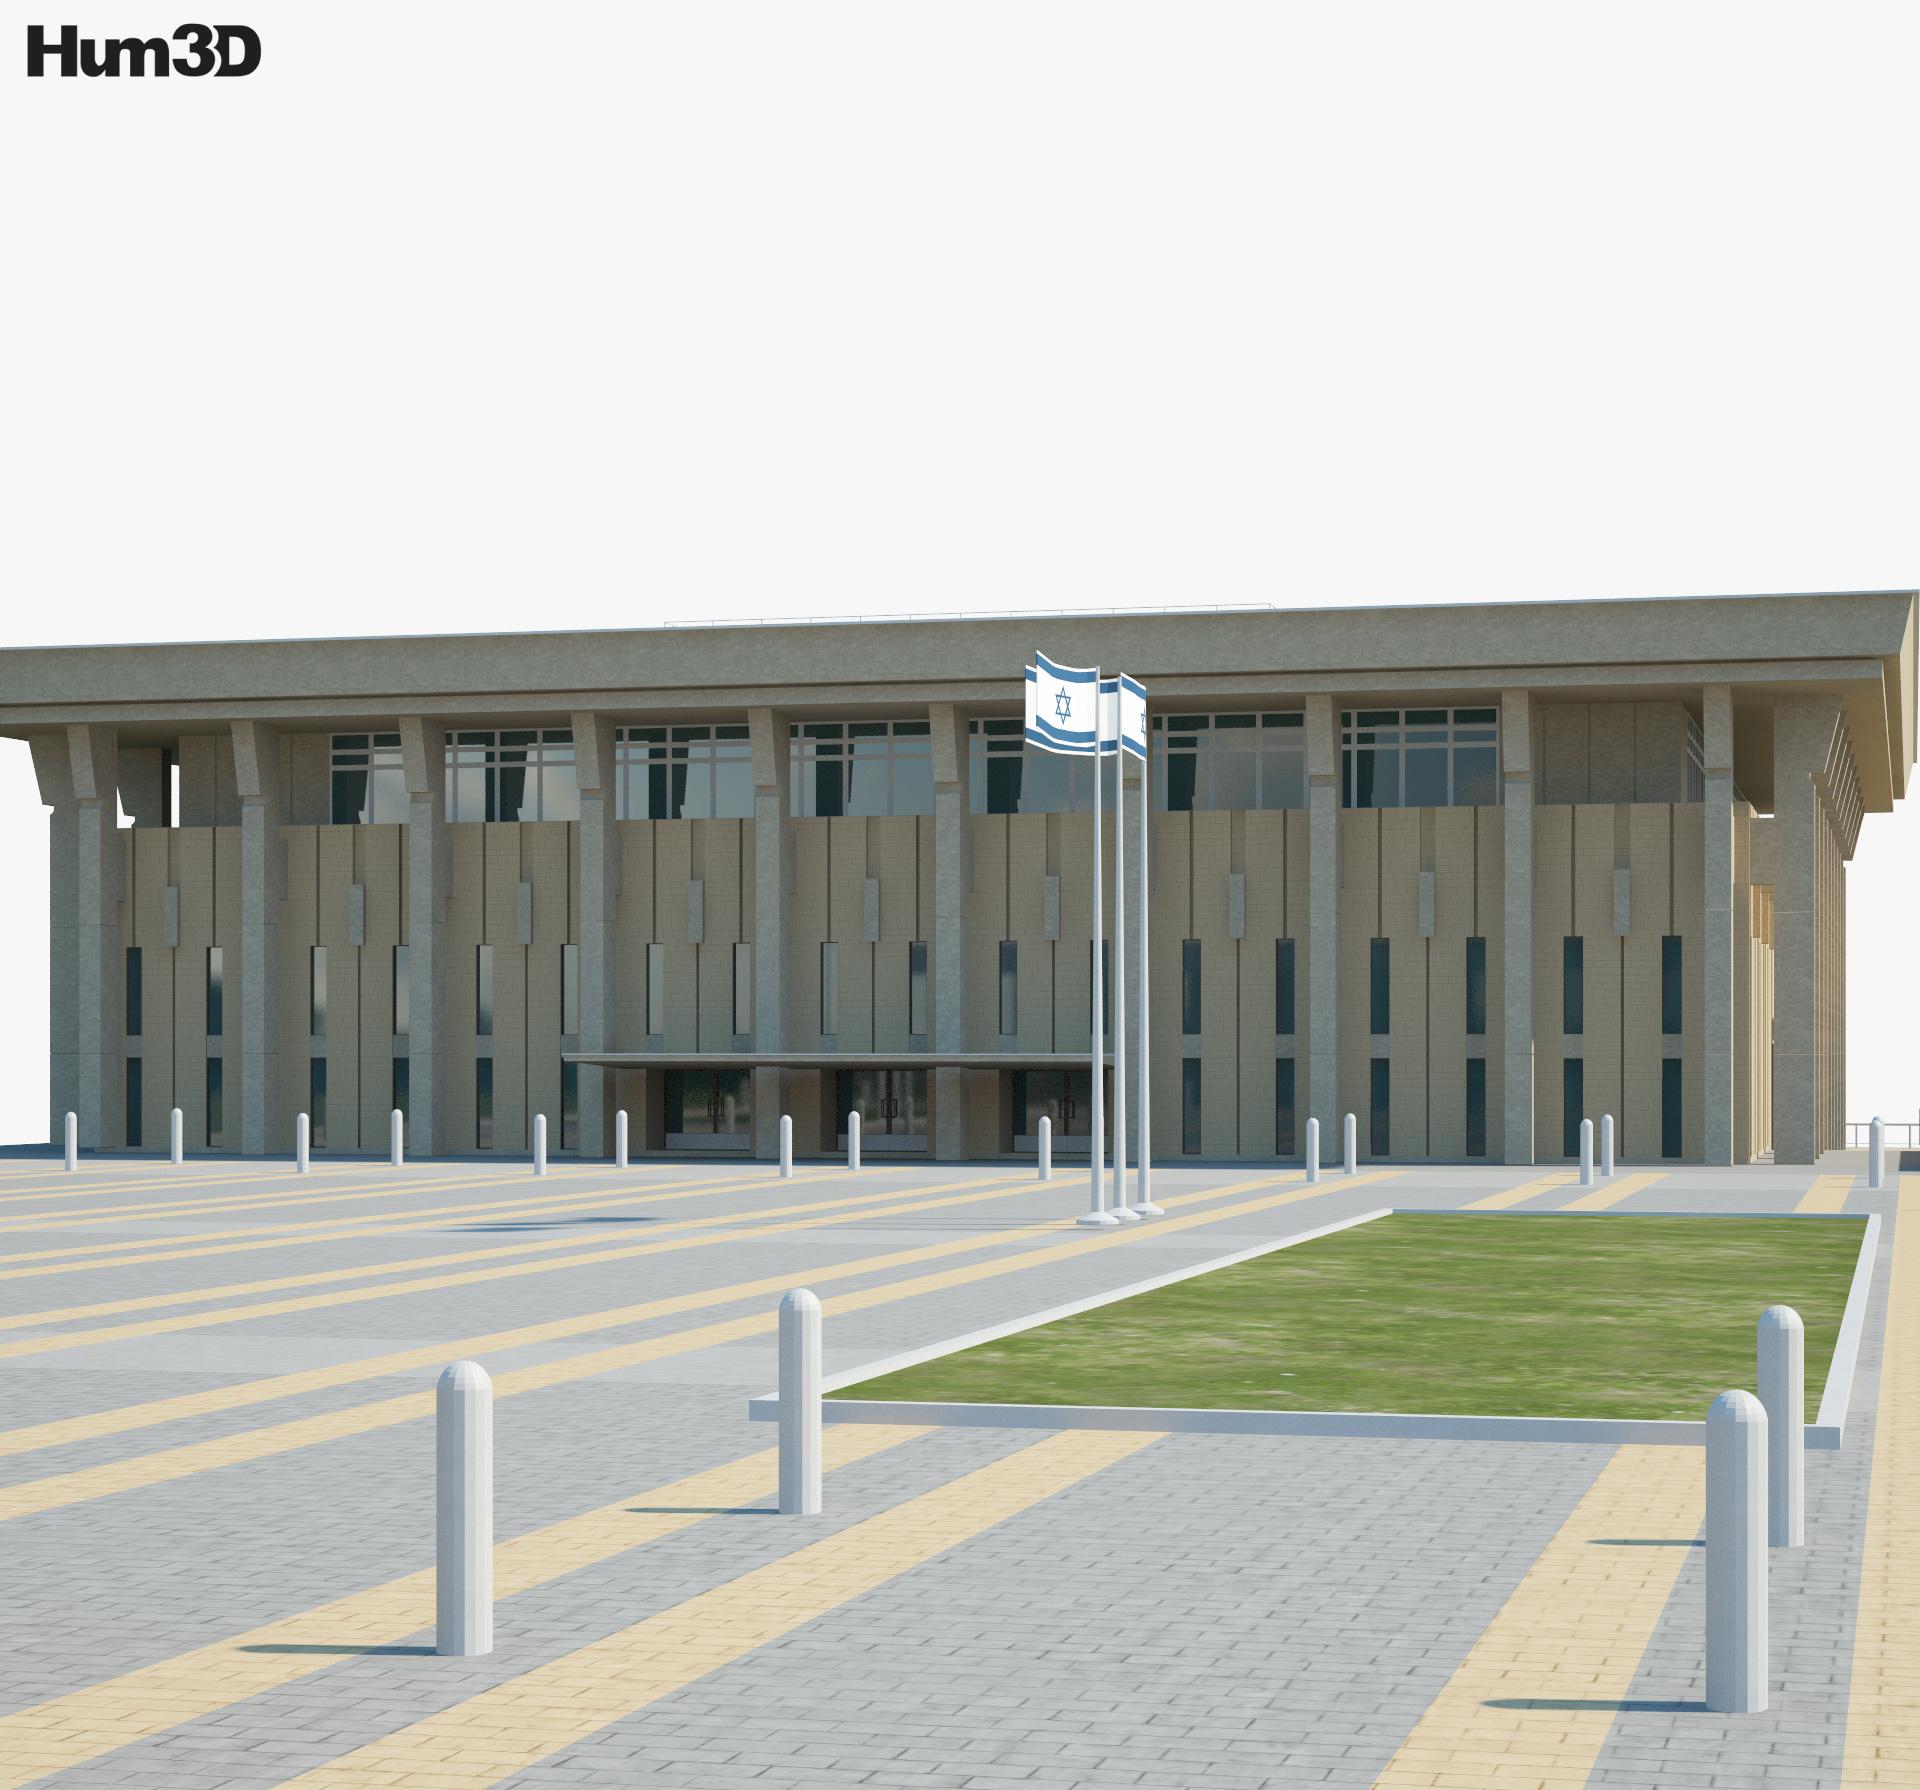 Knesset 3d model